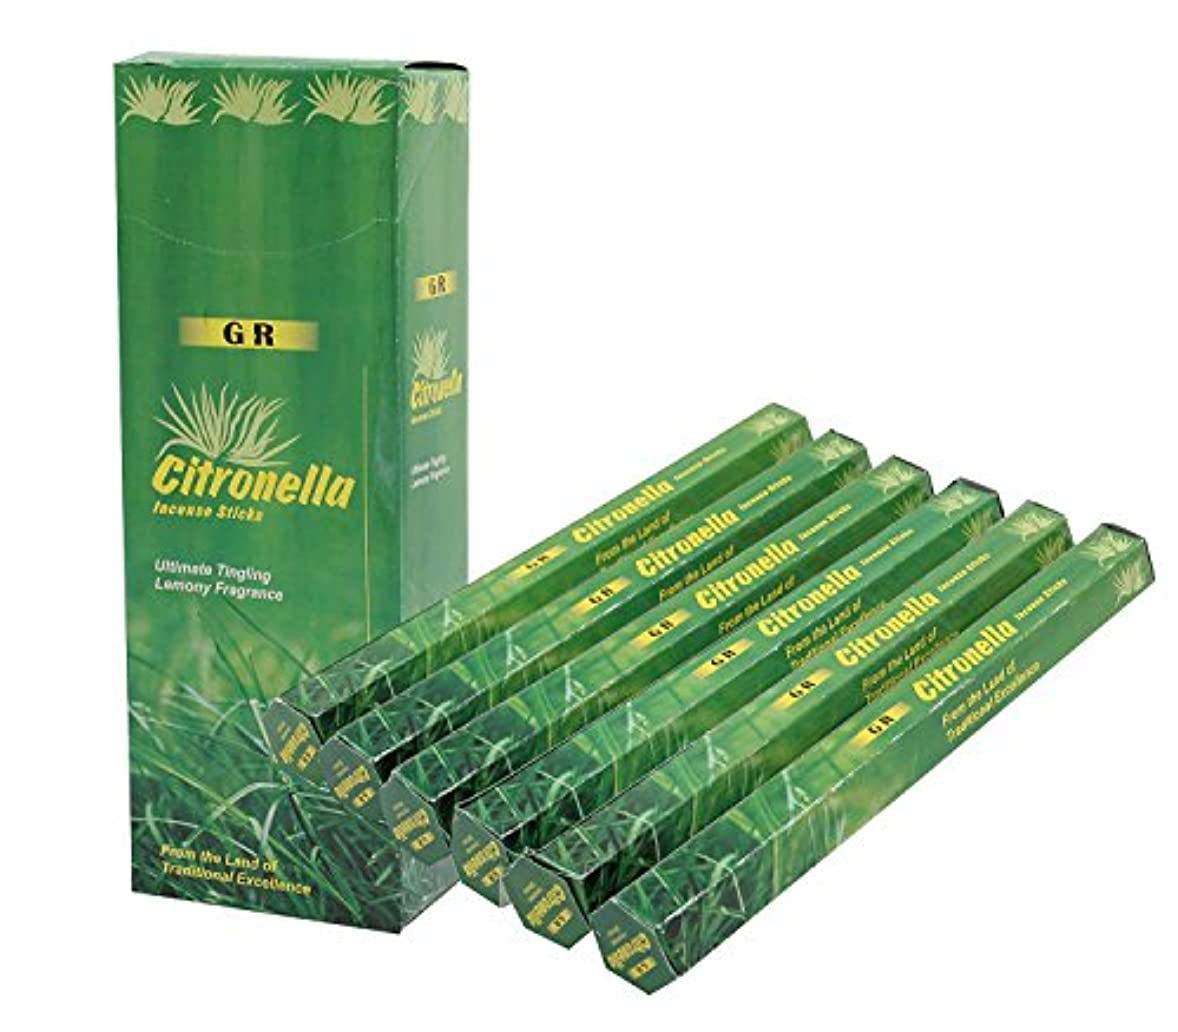 ありがたい年次修士号DharmaObjectsシトロネラ香6ボックス120 Incense Sticks